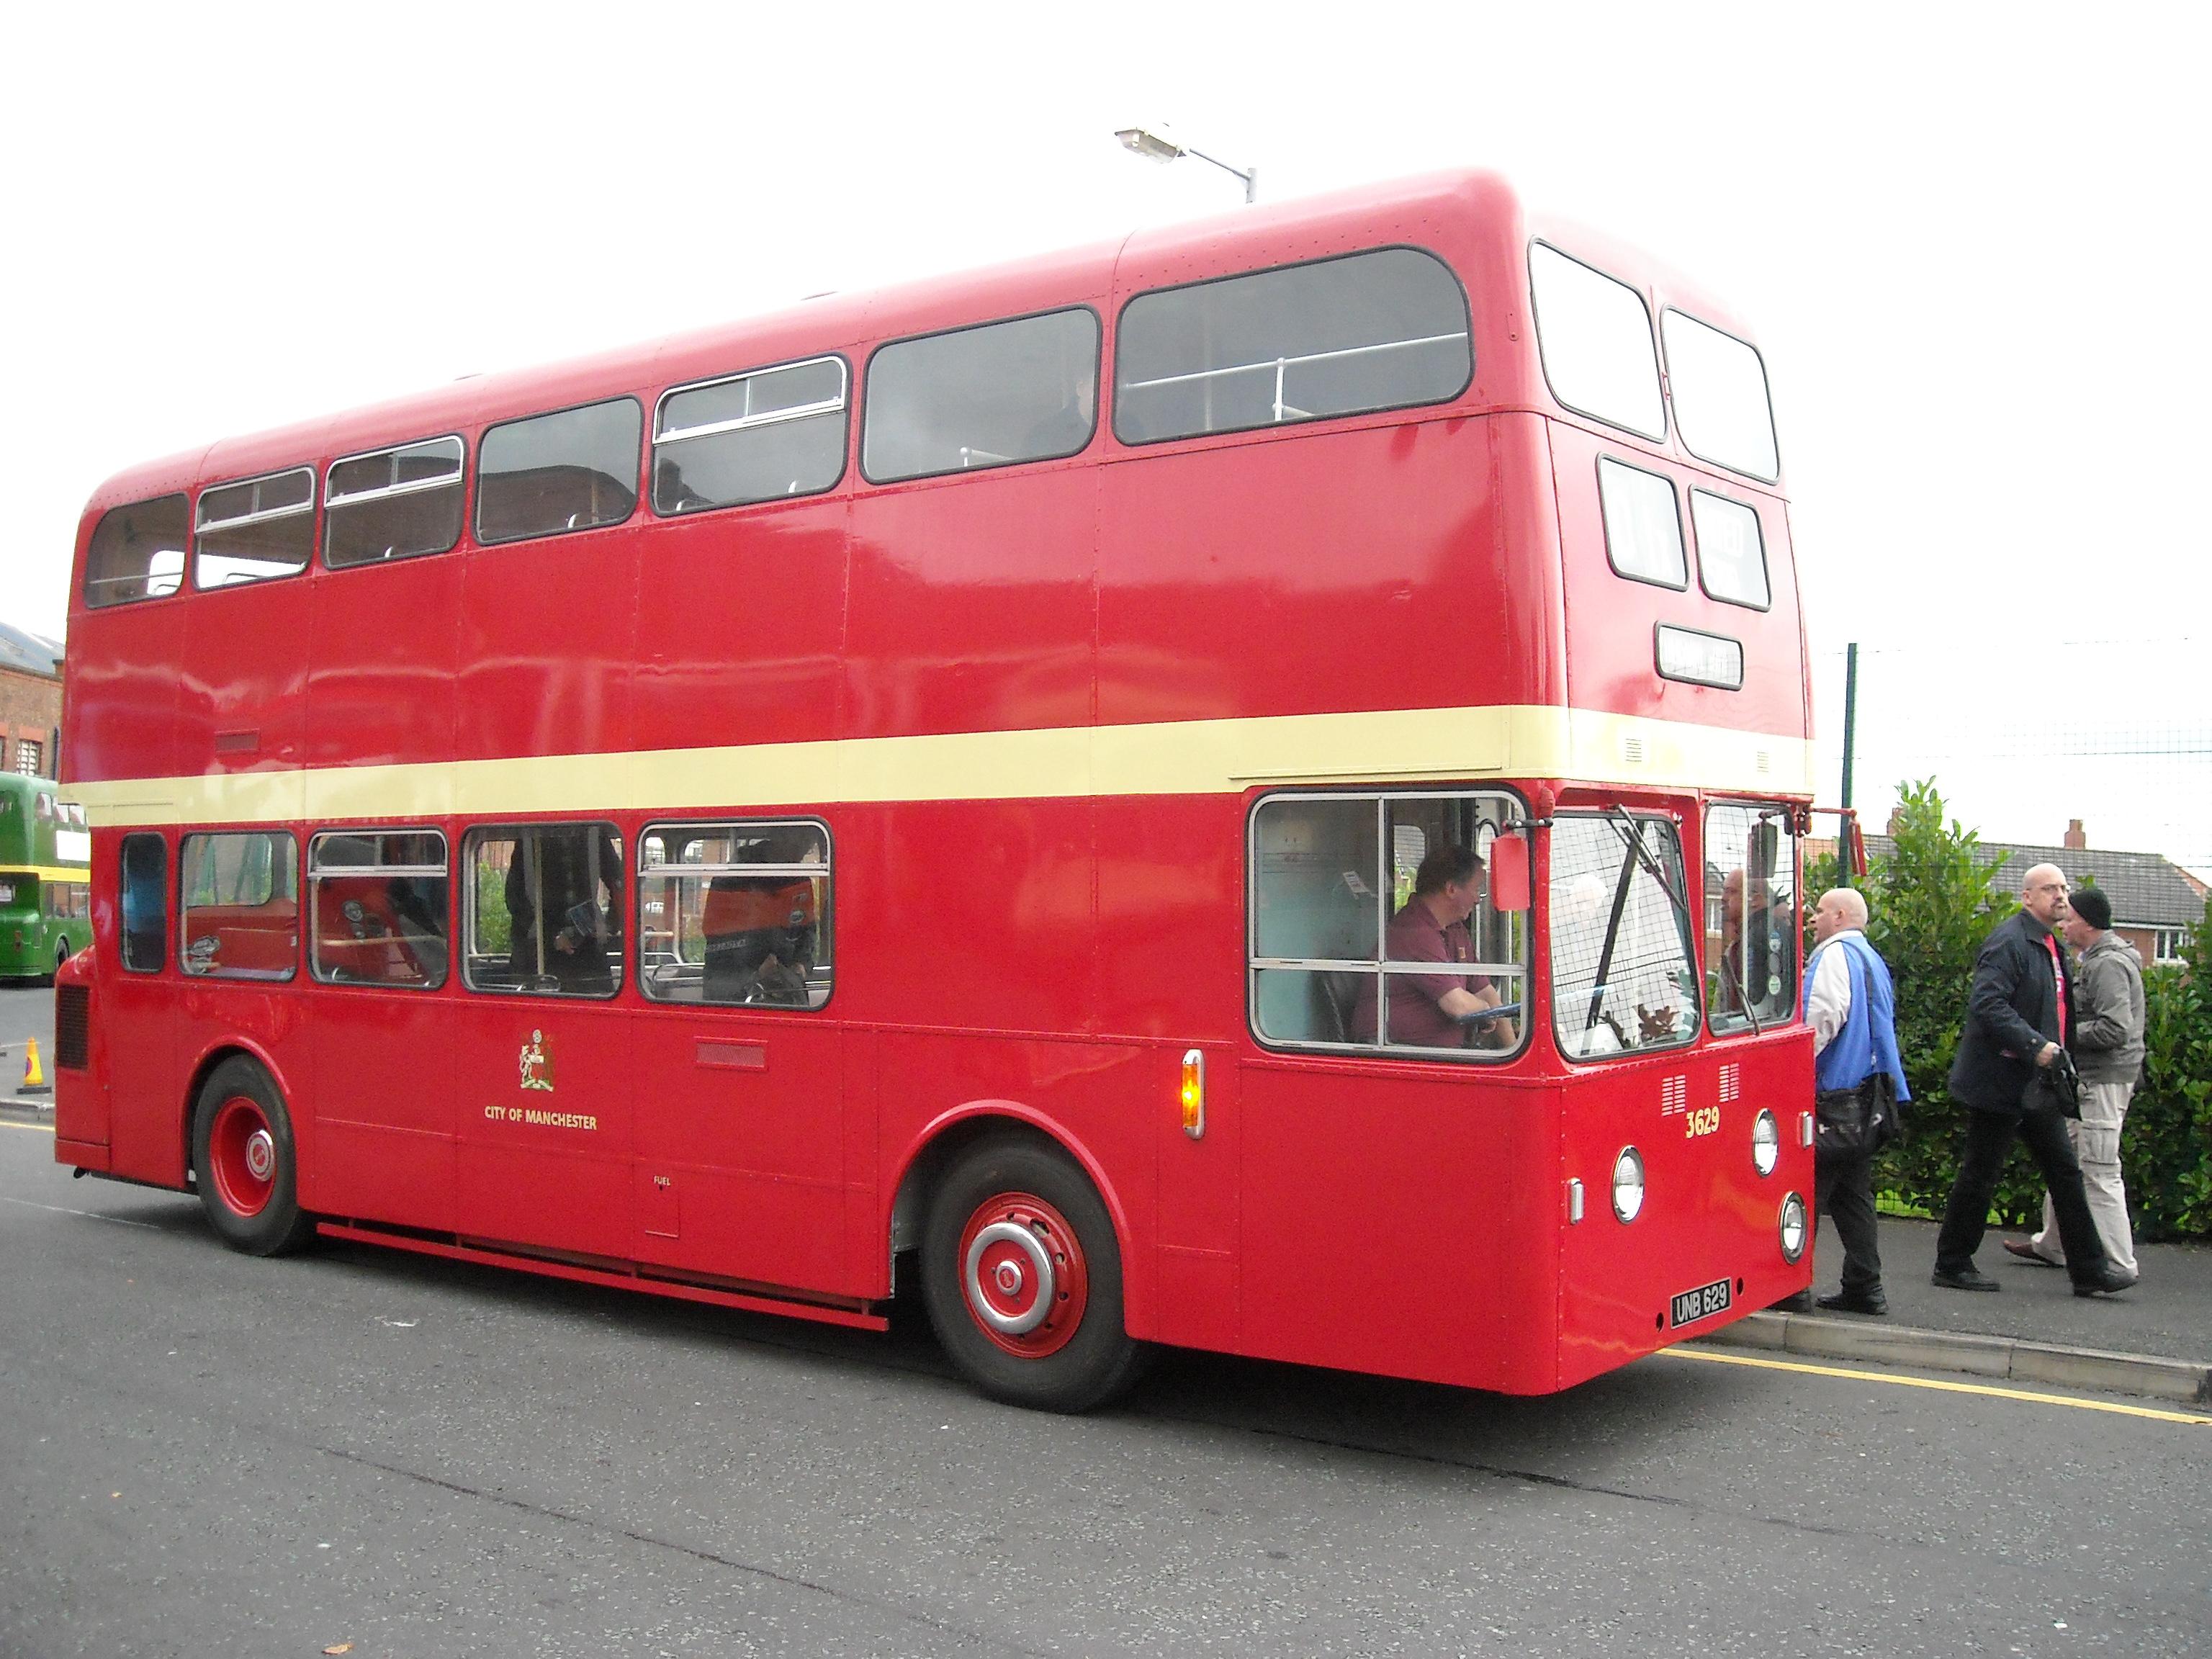 File:Manchester City Transport bus 3629 (UNB 629), MMT Atlantean 50 event